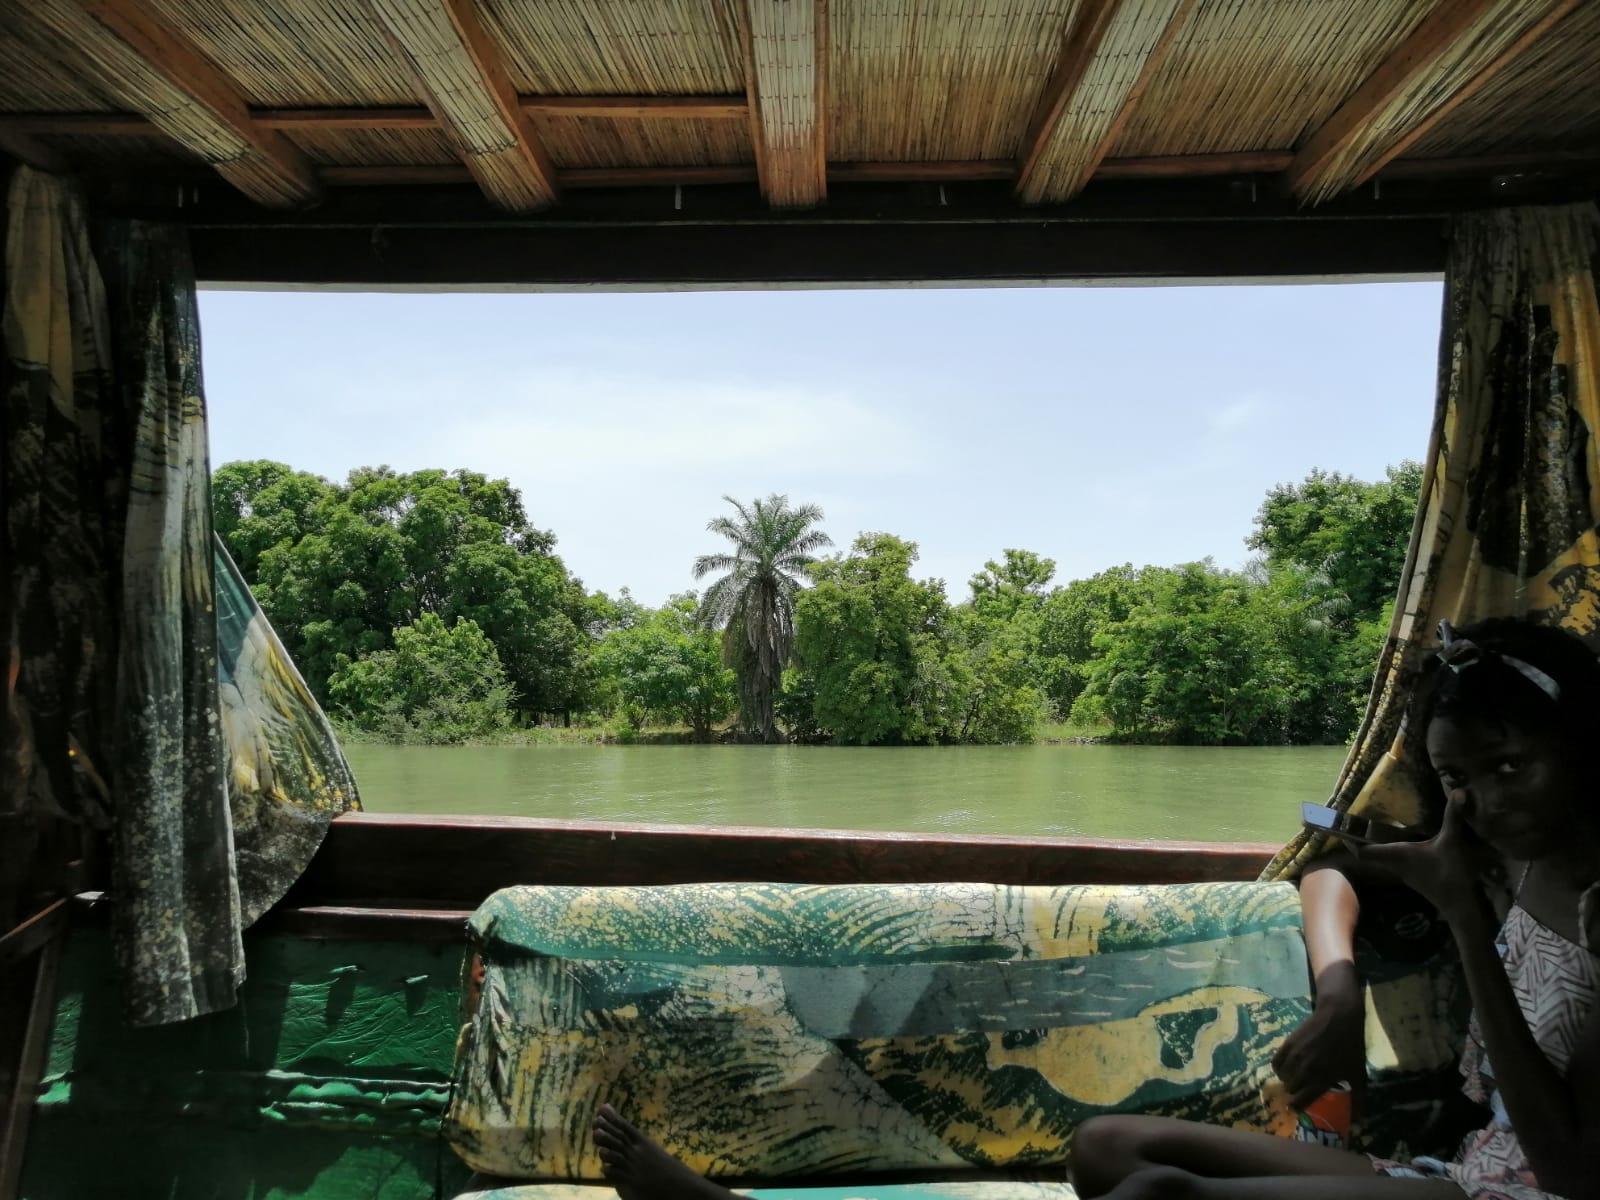 FlusskreuzfahrtFenster - Warum Gambia und das Coco Ocean Resort & Spa im Winter 2021/22 meine Reiseempfehlung Nummer 1 sind?